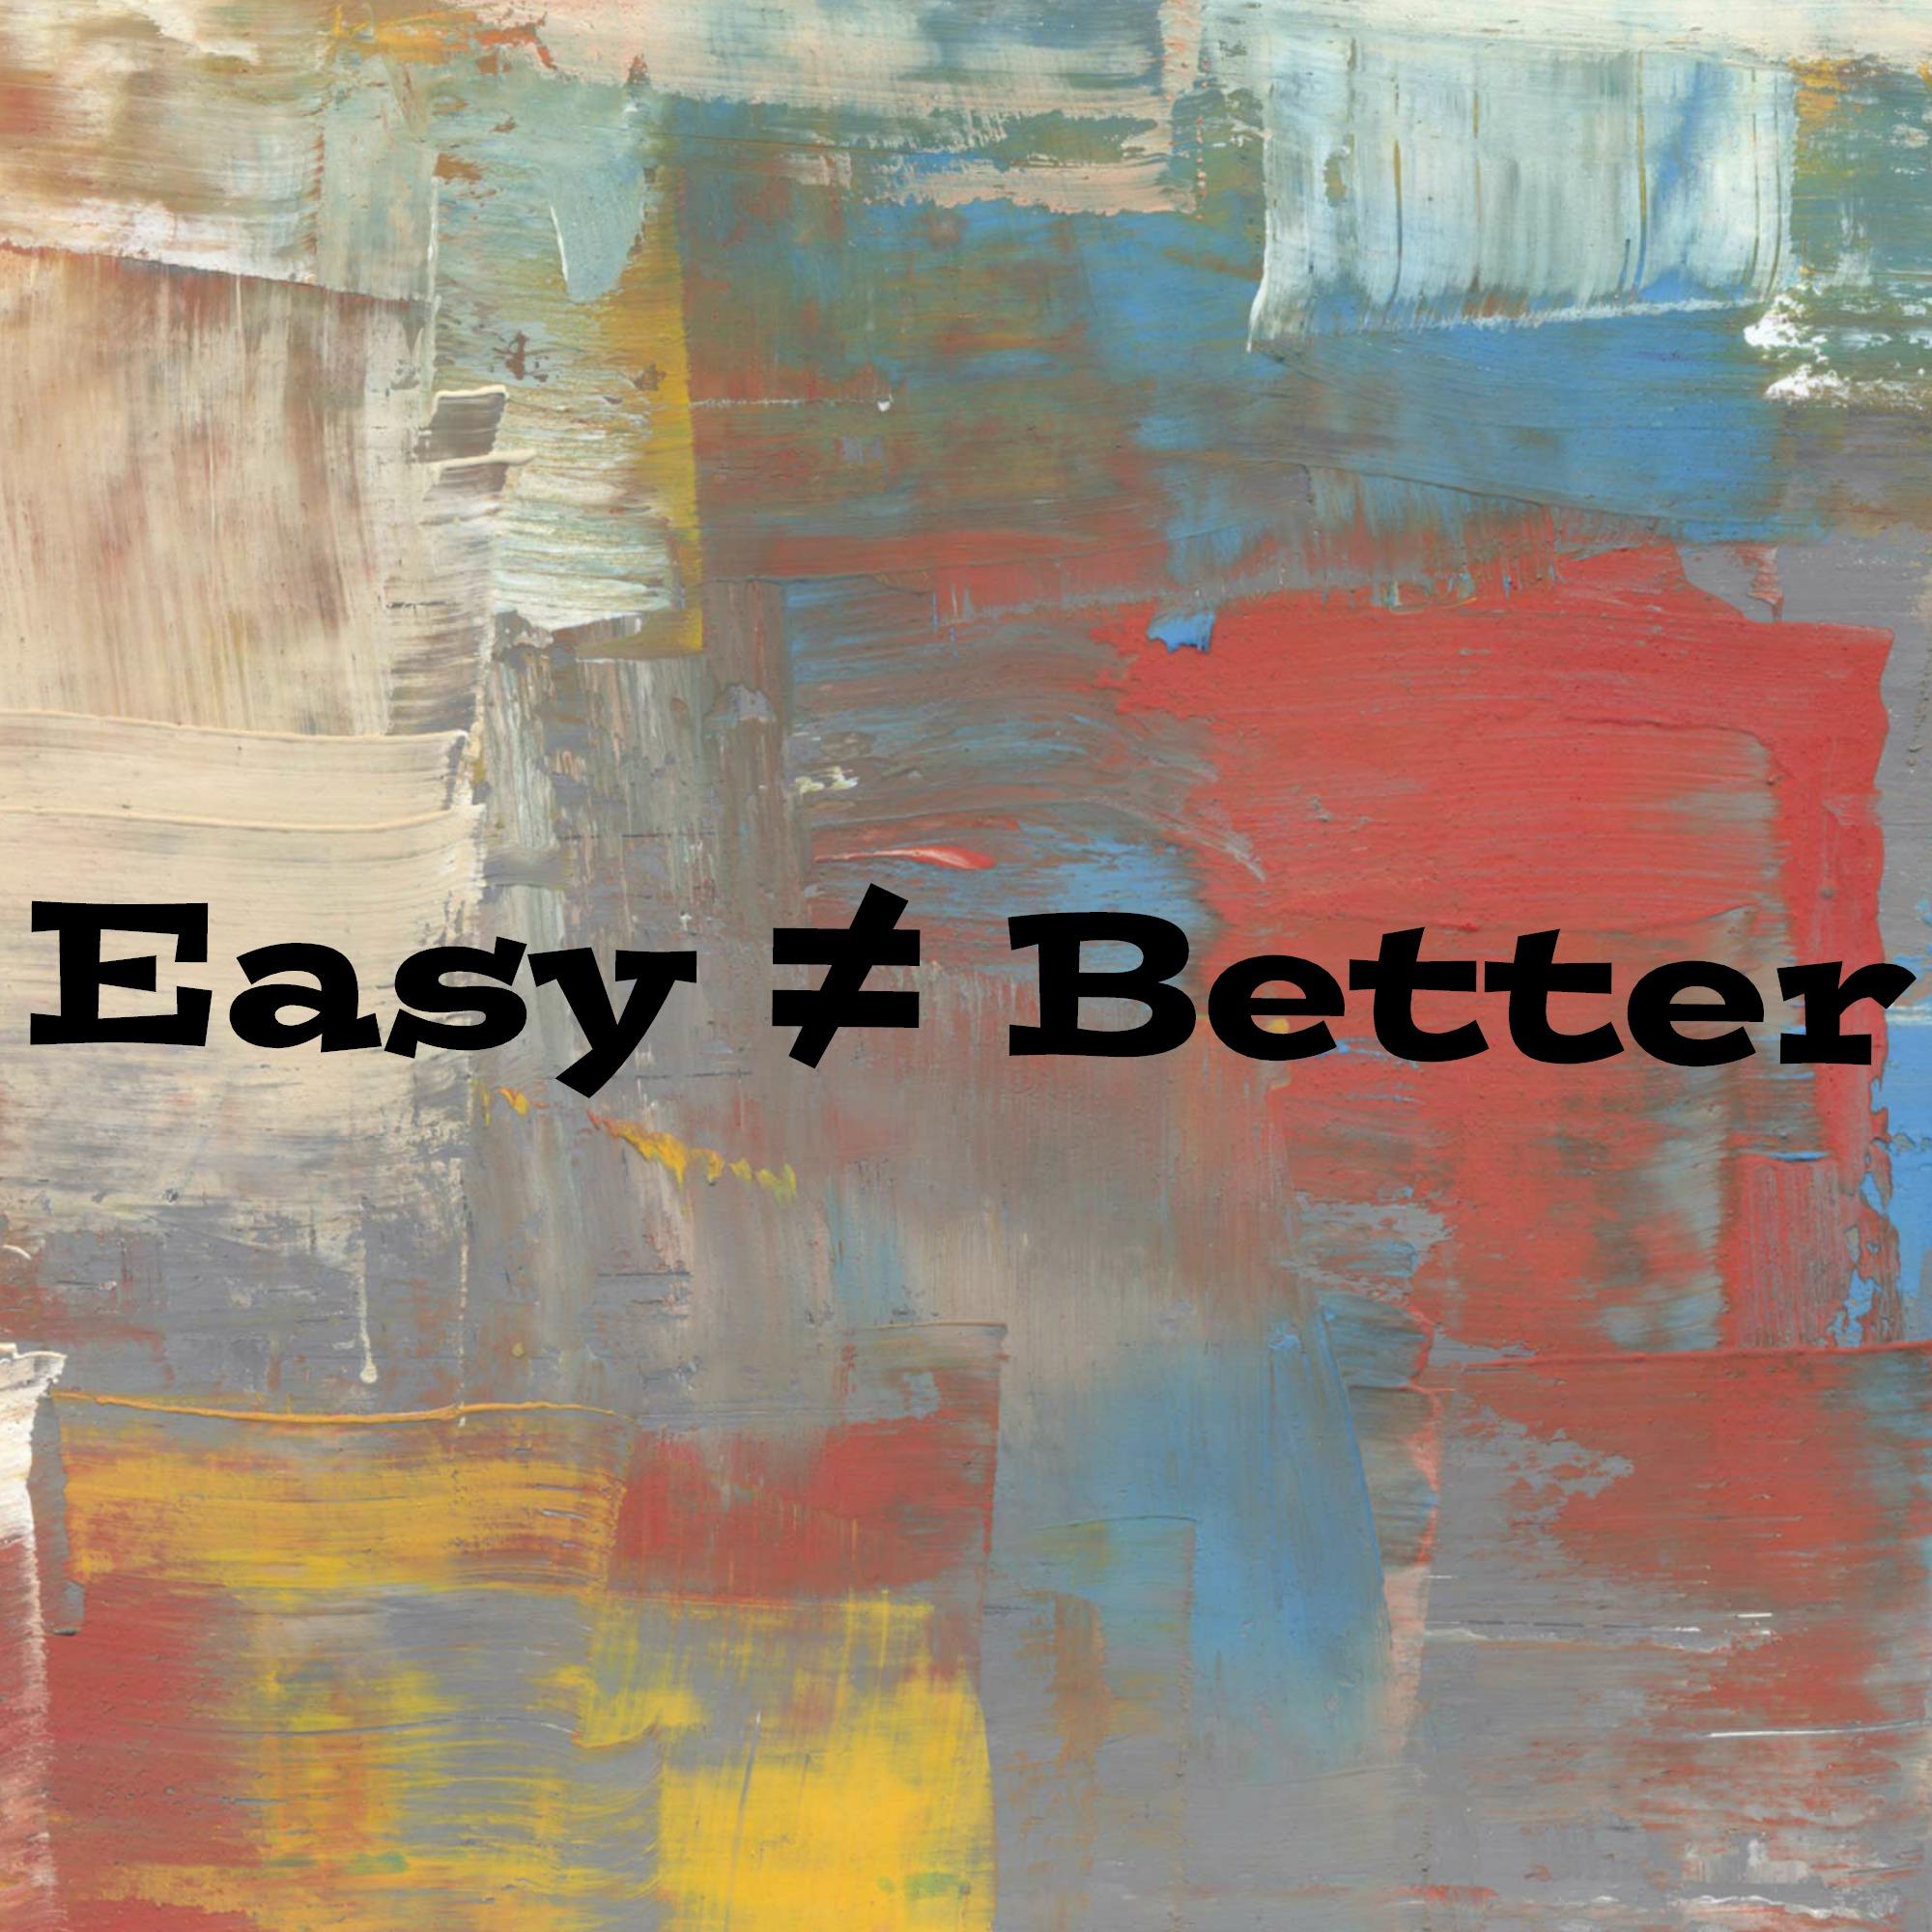 Easy≠ Better